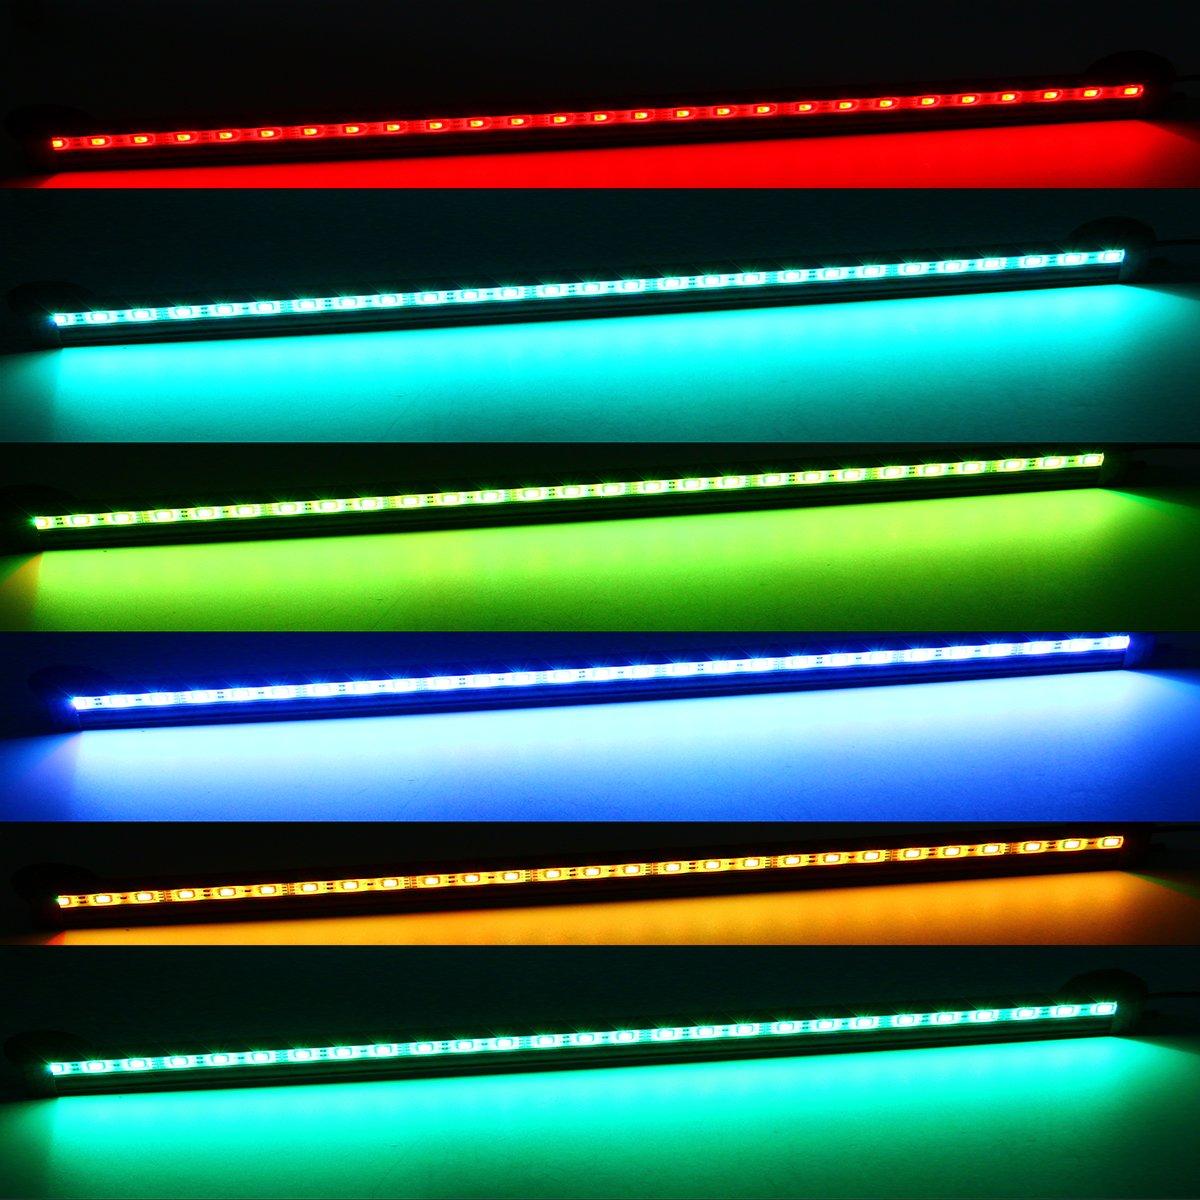 Xcellent Global Sistema de Iluminación y Burbujas de Aire para Acuario de 31 cm Luces de 18 LED Sumergible Impermeable RGB Luces de 16 Colores 5050 LED ...